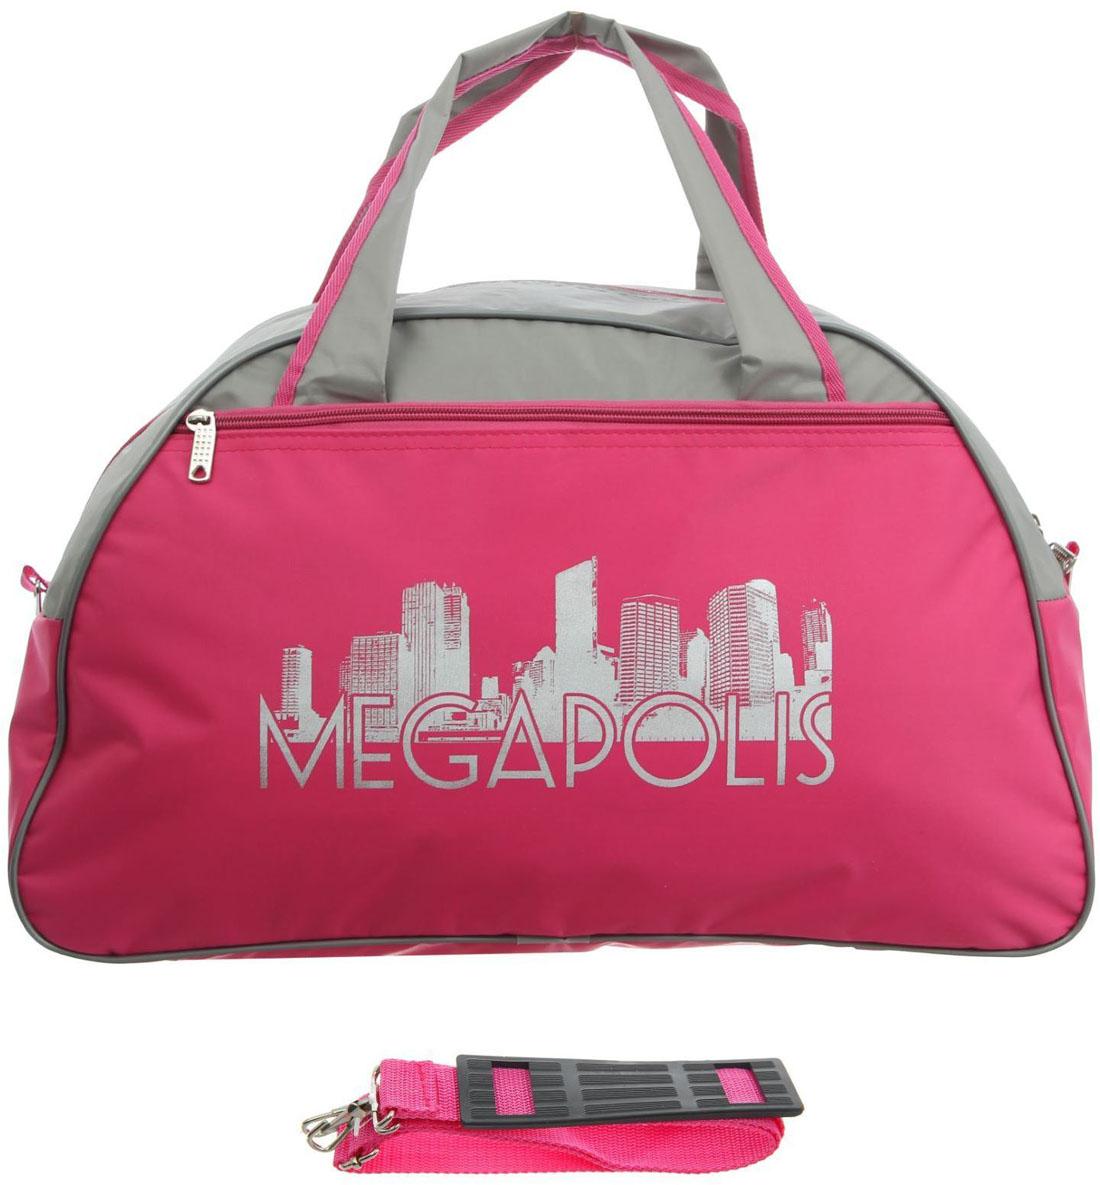 Сумка дорожная ZFTS, цвет: розовый, серый. 7454788095-4384Дорожная сумка ZFTS самый современный и демократичный вариант аксессуара. Она выполнена из прочного текстиля.Объёмное отделение сумки вмещает все необходимые вещи: от нижнего белья до верхней одежды. А удобные карманы предназначены для хранения предметов первой необходимости: косметички, зубной щётки или влажных салфеток. Модель оснащена широкими ручками и длинным съёмным ремнём для комфортной переноски. Дорожный аксессуар прослужит много лет, так как изготовлен из прочного текстиля, устойчивого к выцветанию.